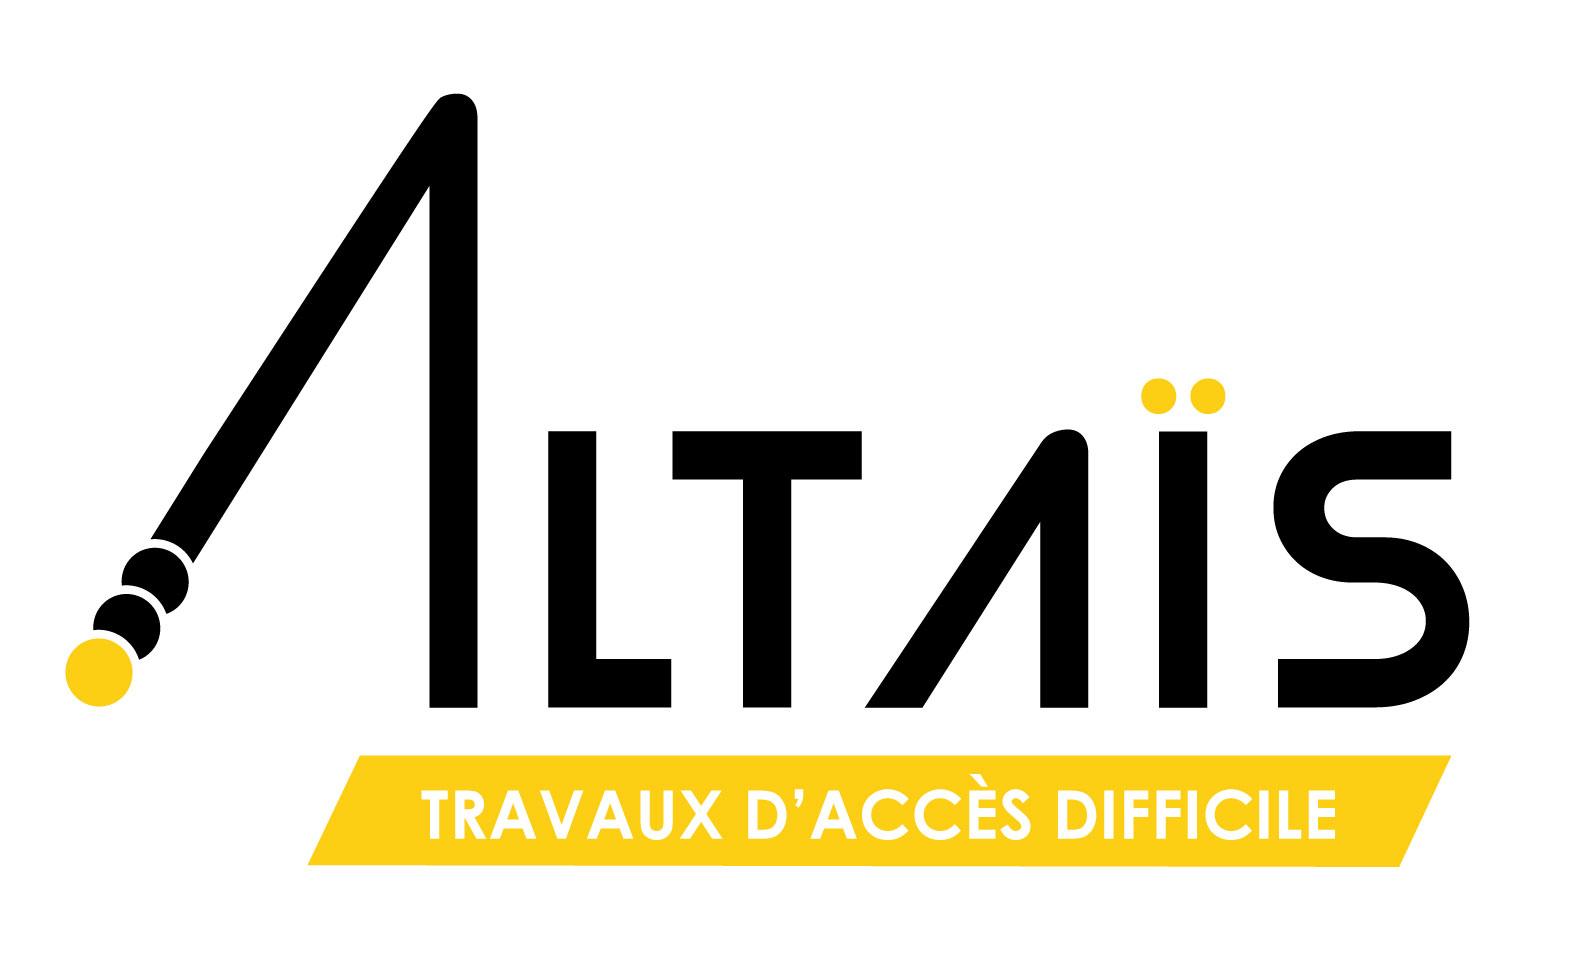 ALTAIS_ATAD_travaux-d'accès-difficile